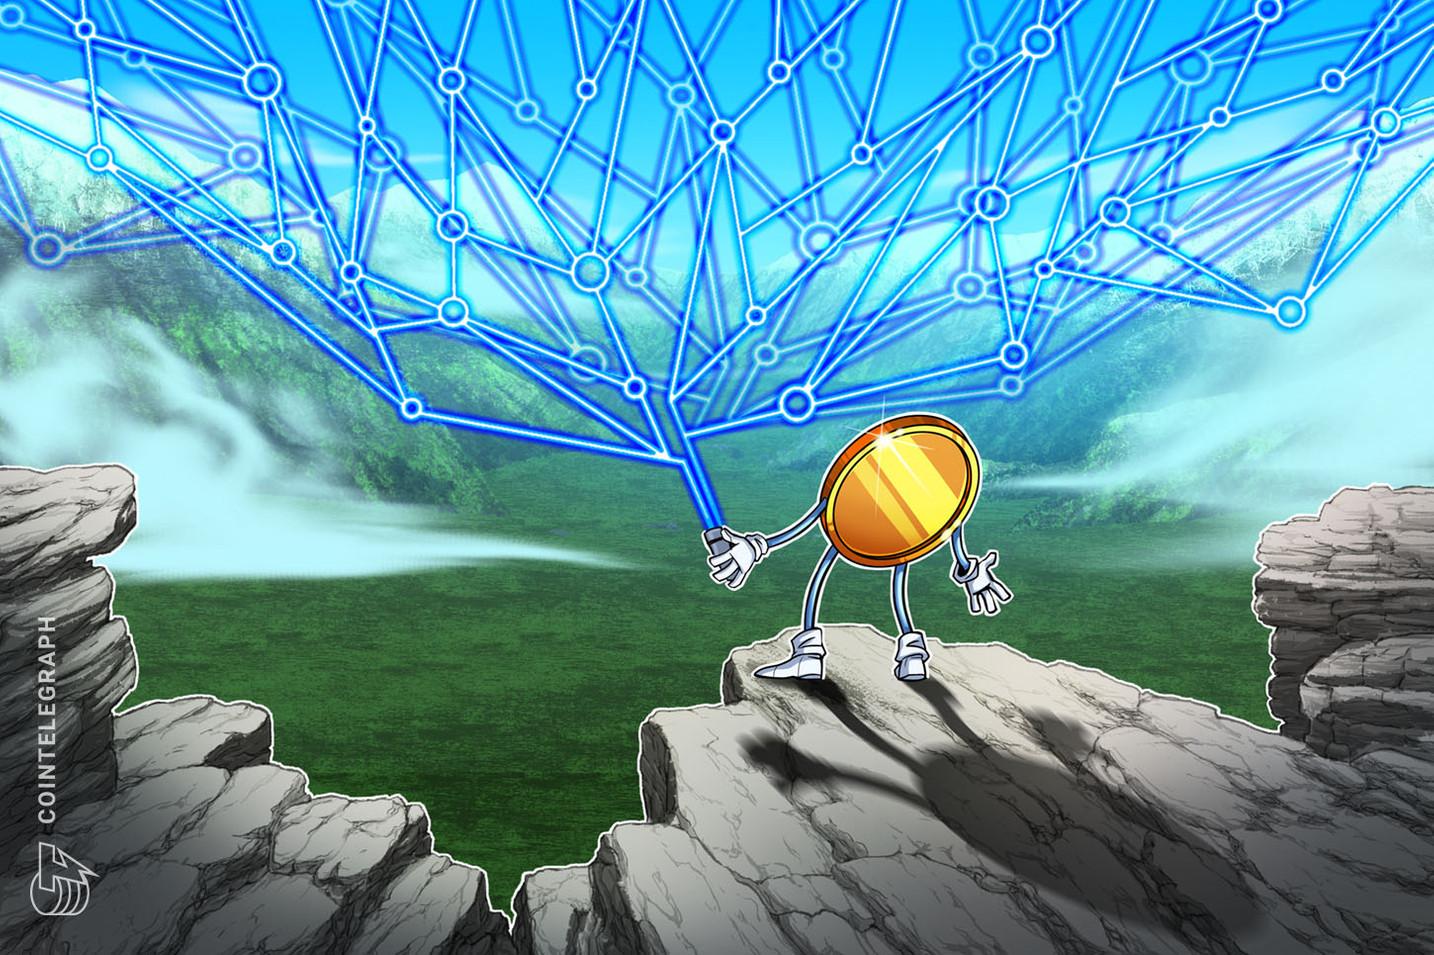 Precio de REN aumenta con 10,000 Bitcoin tokenizados en RenBTC